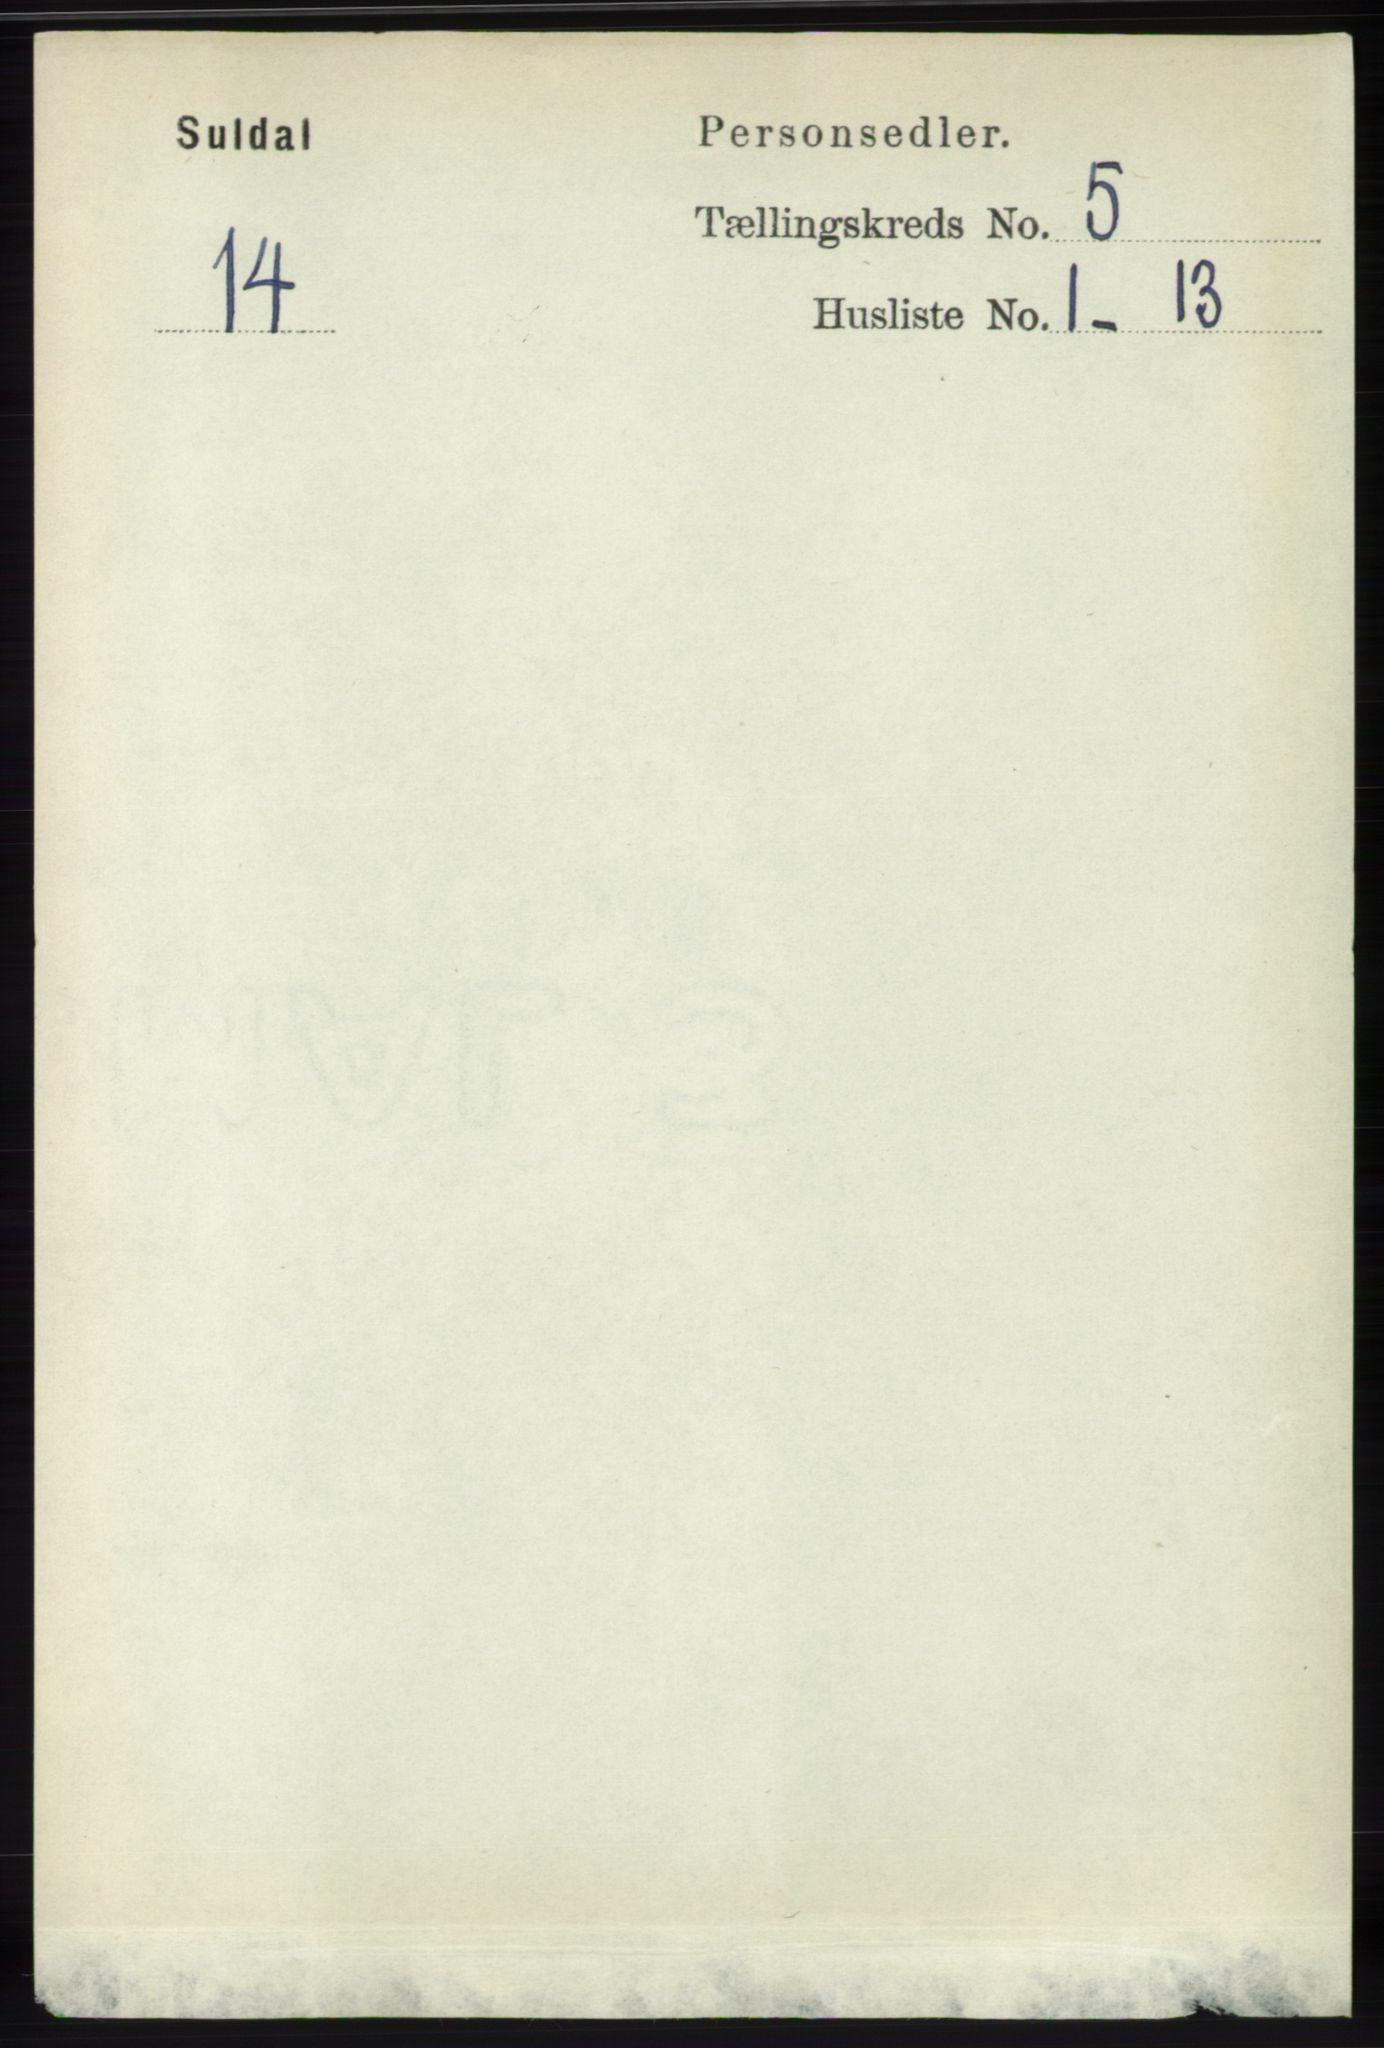 RA, Folketelling 1891 for 1134 Suldal herred, 1891, s. 1458